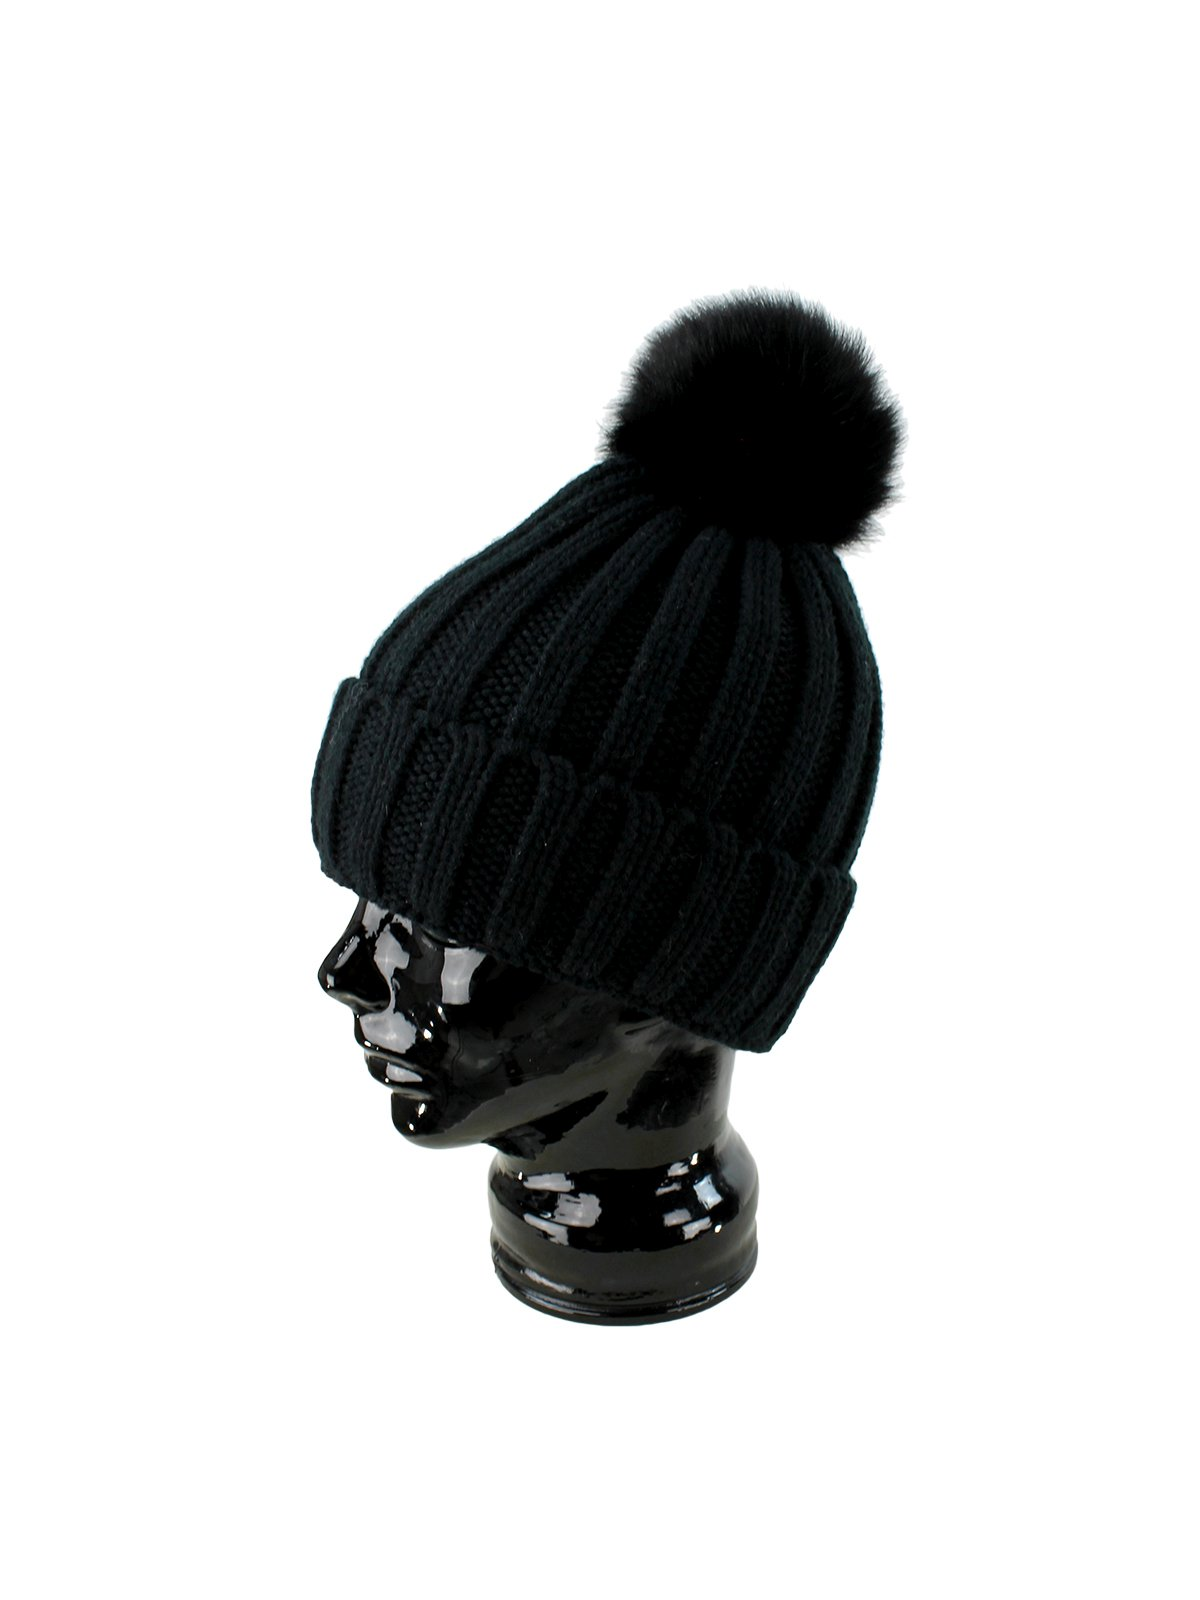 Woman's Black Knit Hat with Black Fox Fur Pom Pom